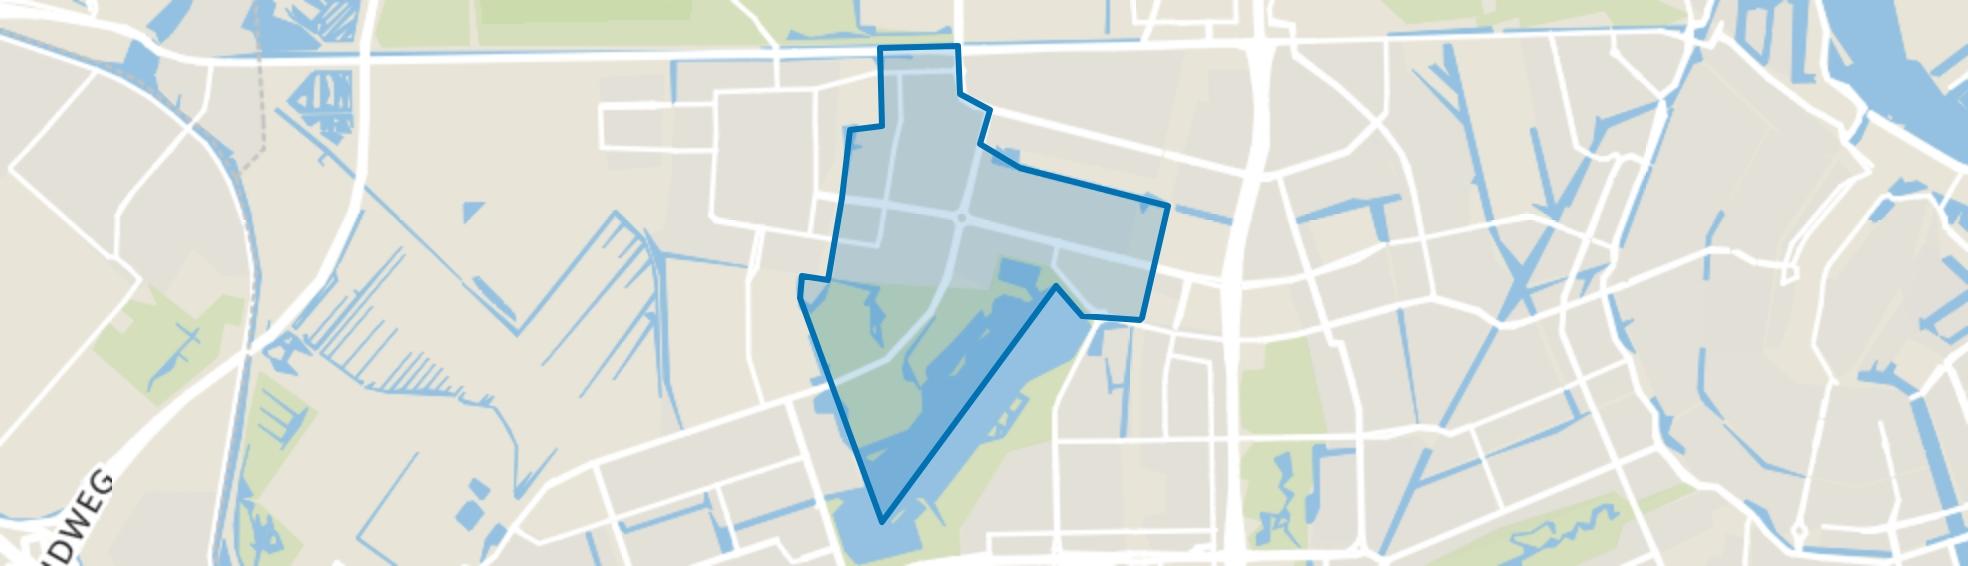 Slotermeer-Zuidwest, Amsterdam map